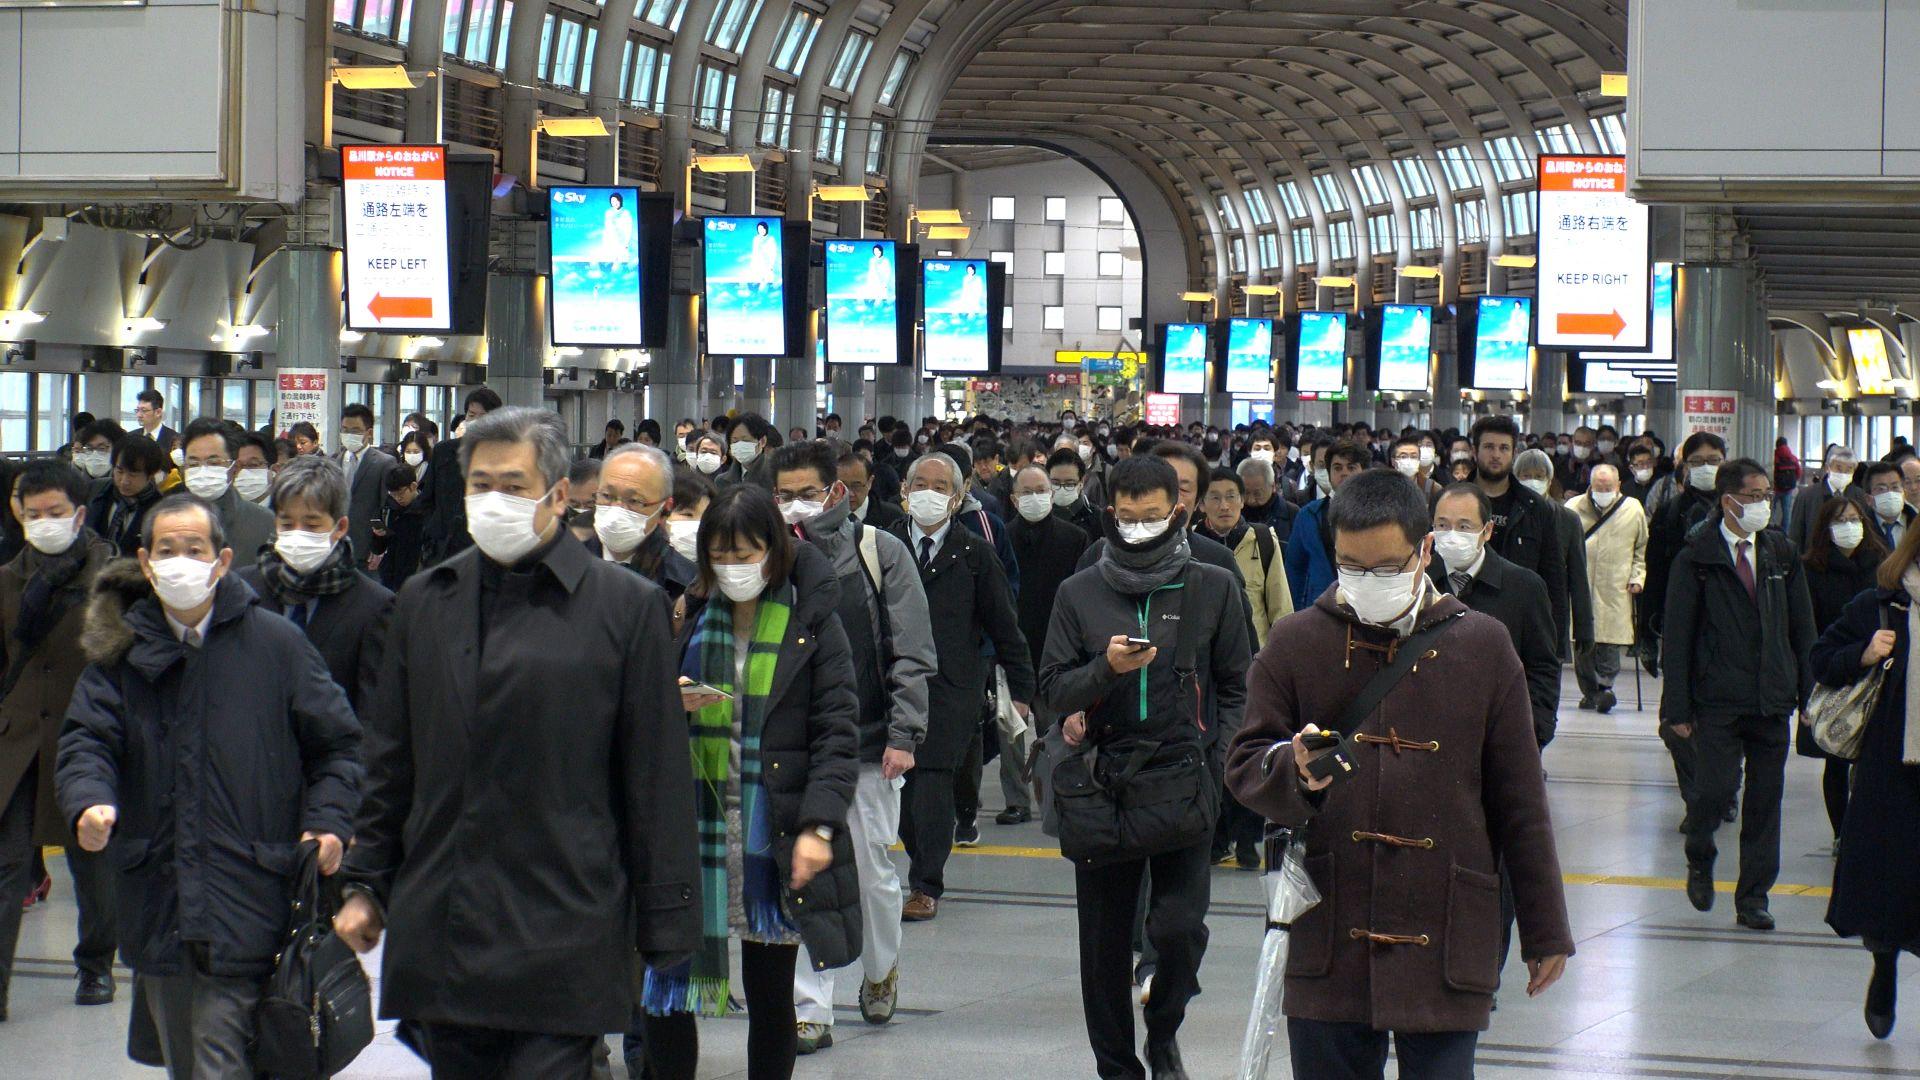 日本醫師好著急 「東京就像3周前紐約」 這4點讓東京抗疫大不易